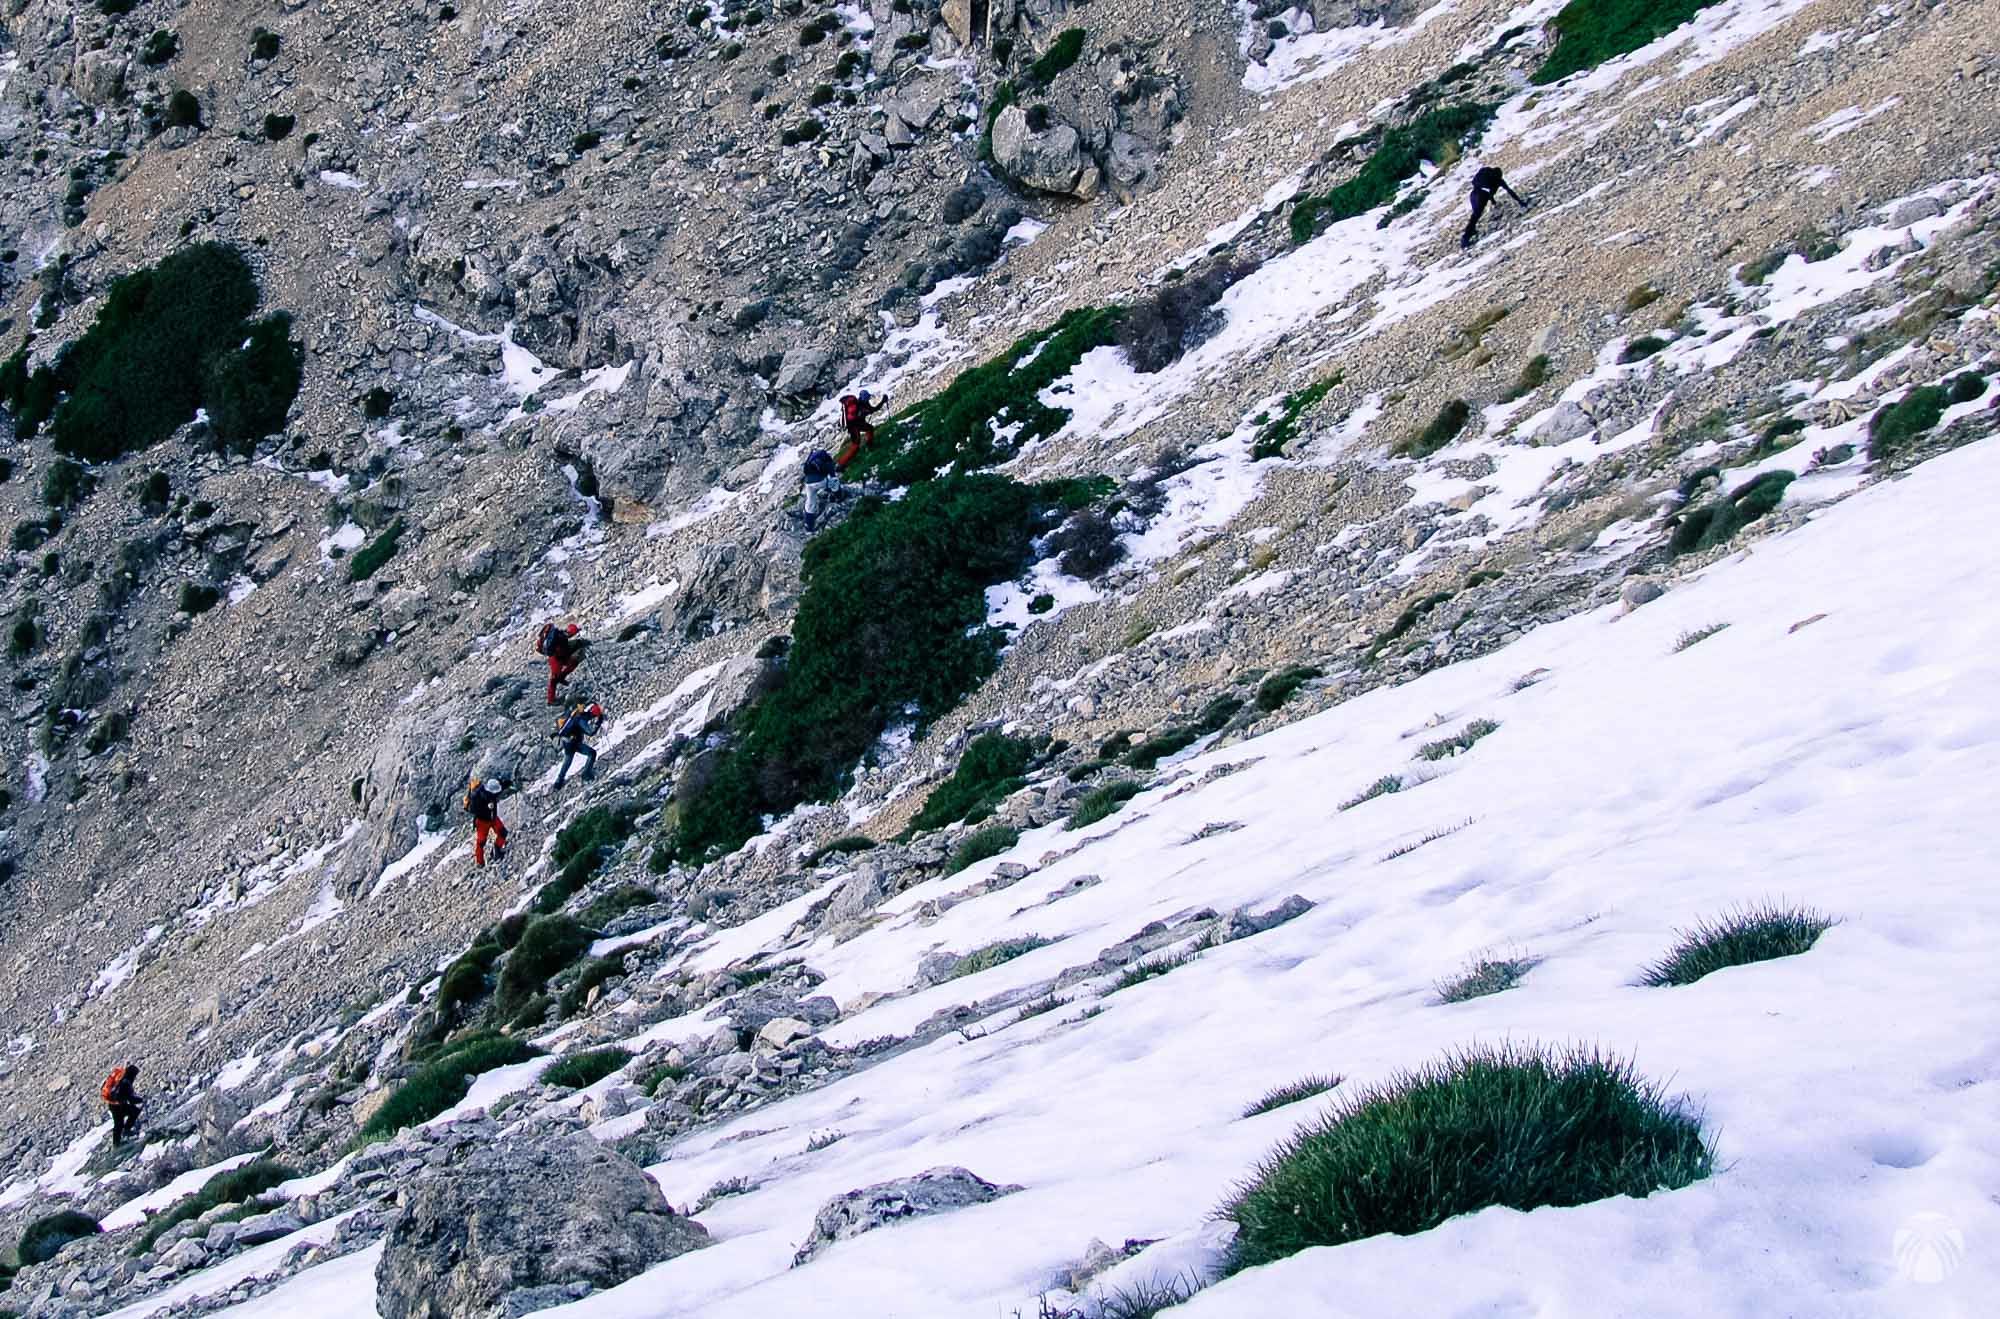 Buscando los mejores pasos y evitando el hielo